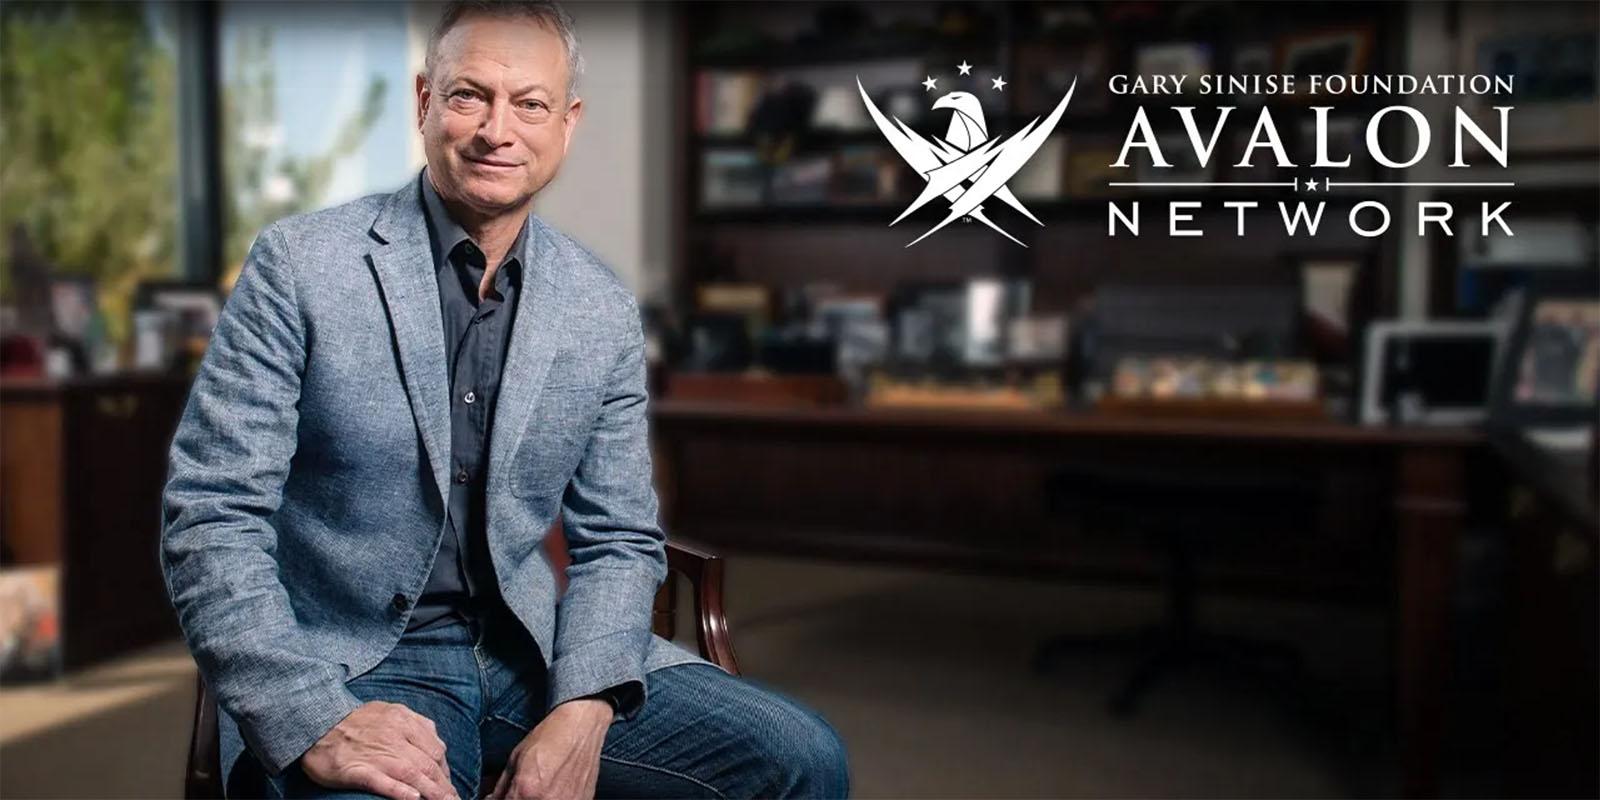 Gary Ninise Foundation Avalon Network